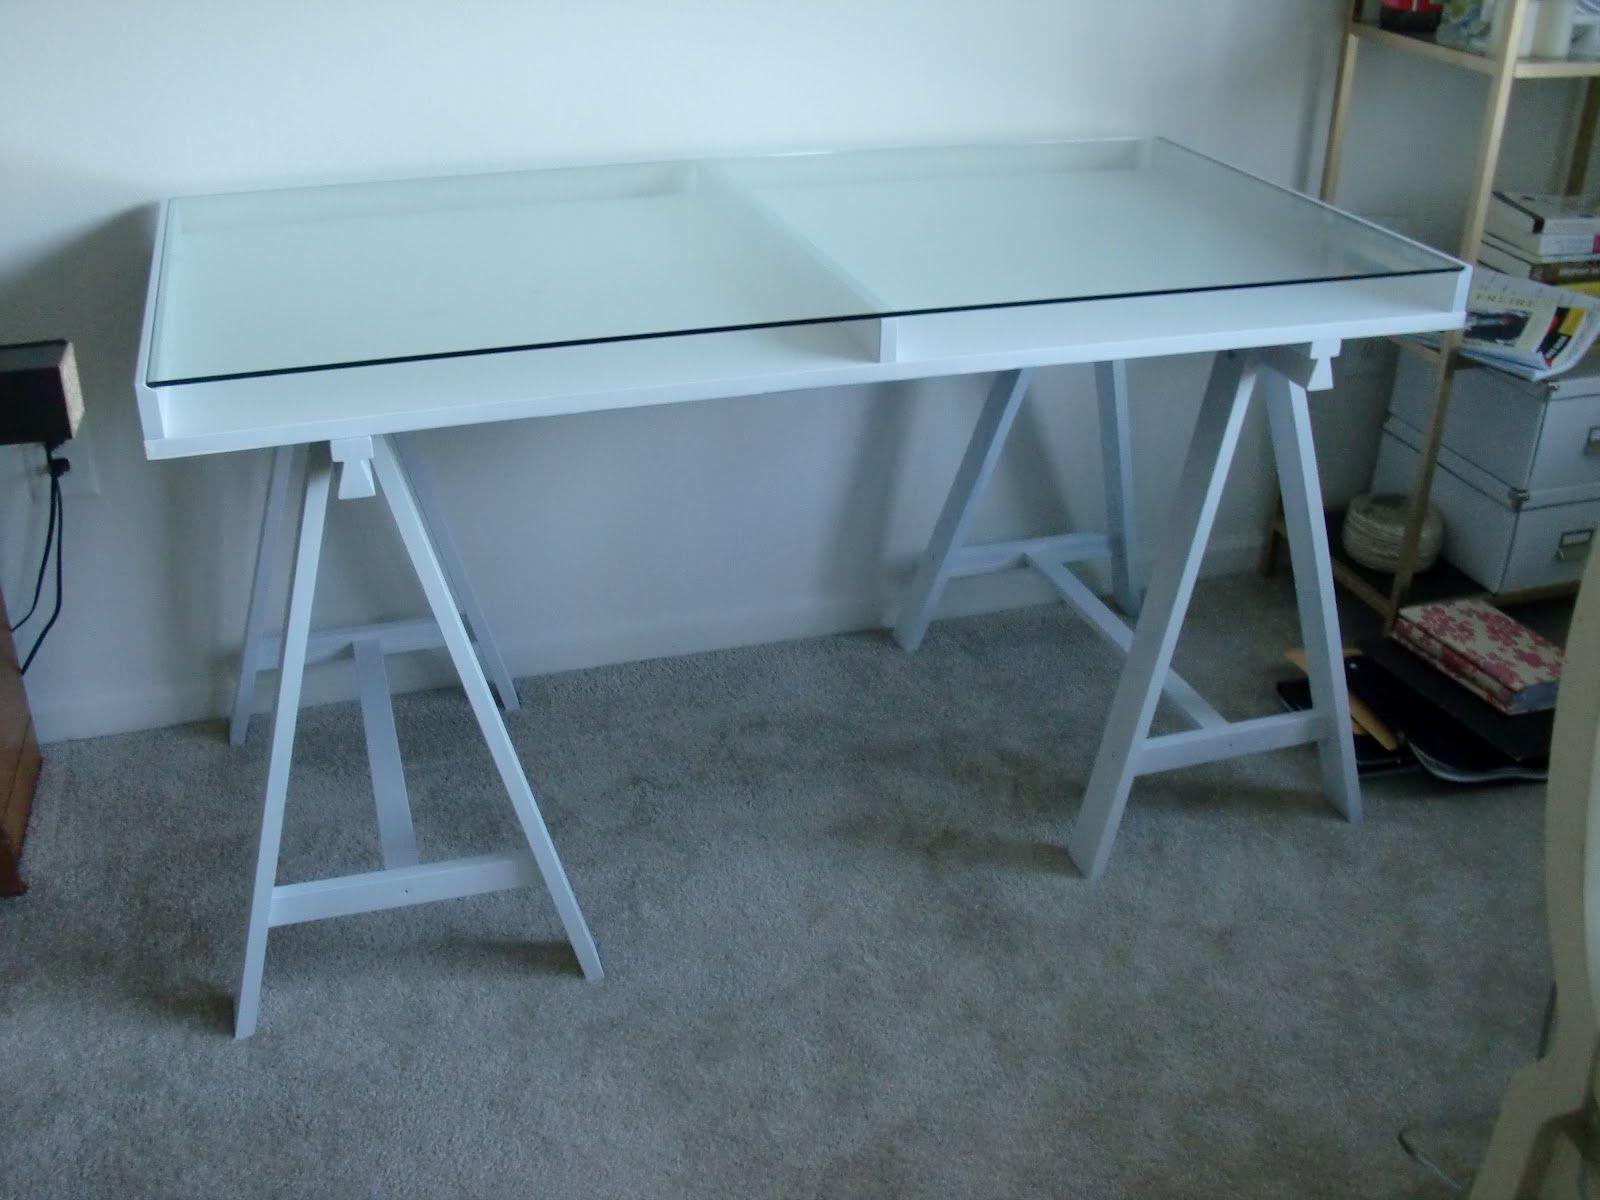 Glass Sawhorse Desk Jpg 1600 1200 Schreibtisch Mit Glasplatte Ikea Glastisch Buroschreibtisch